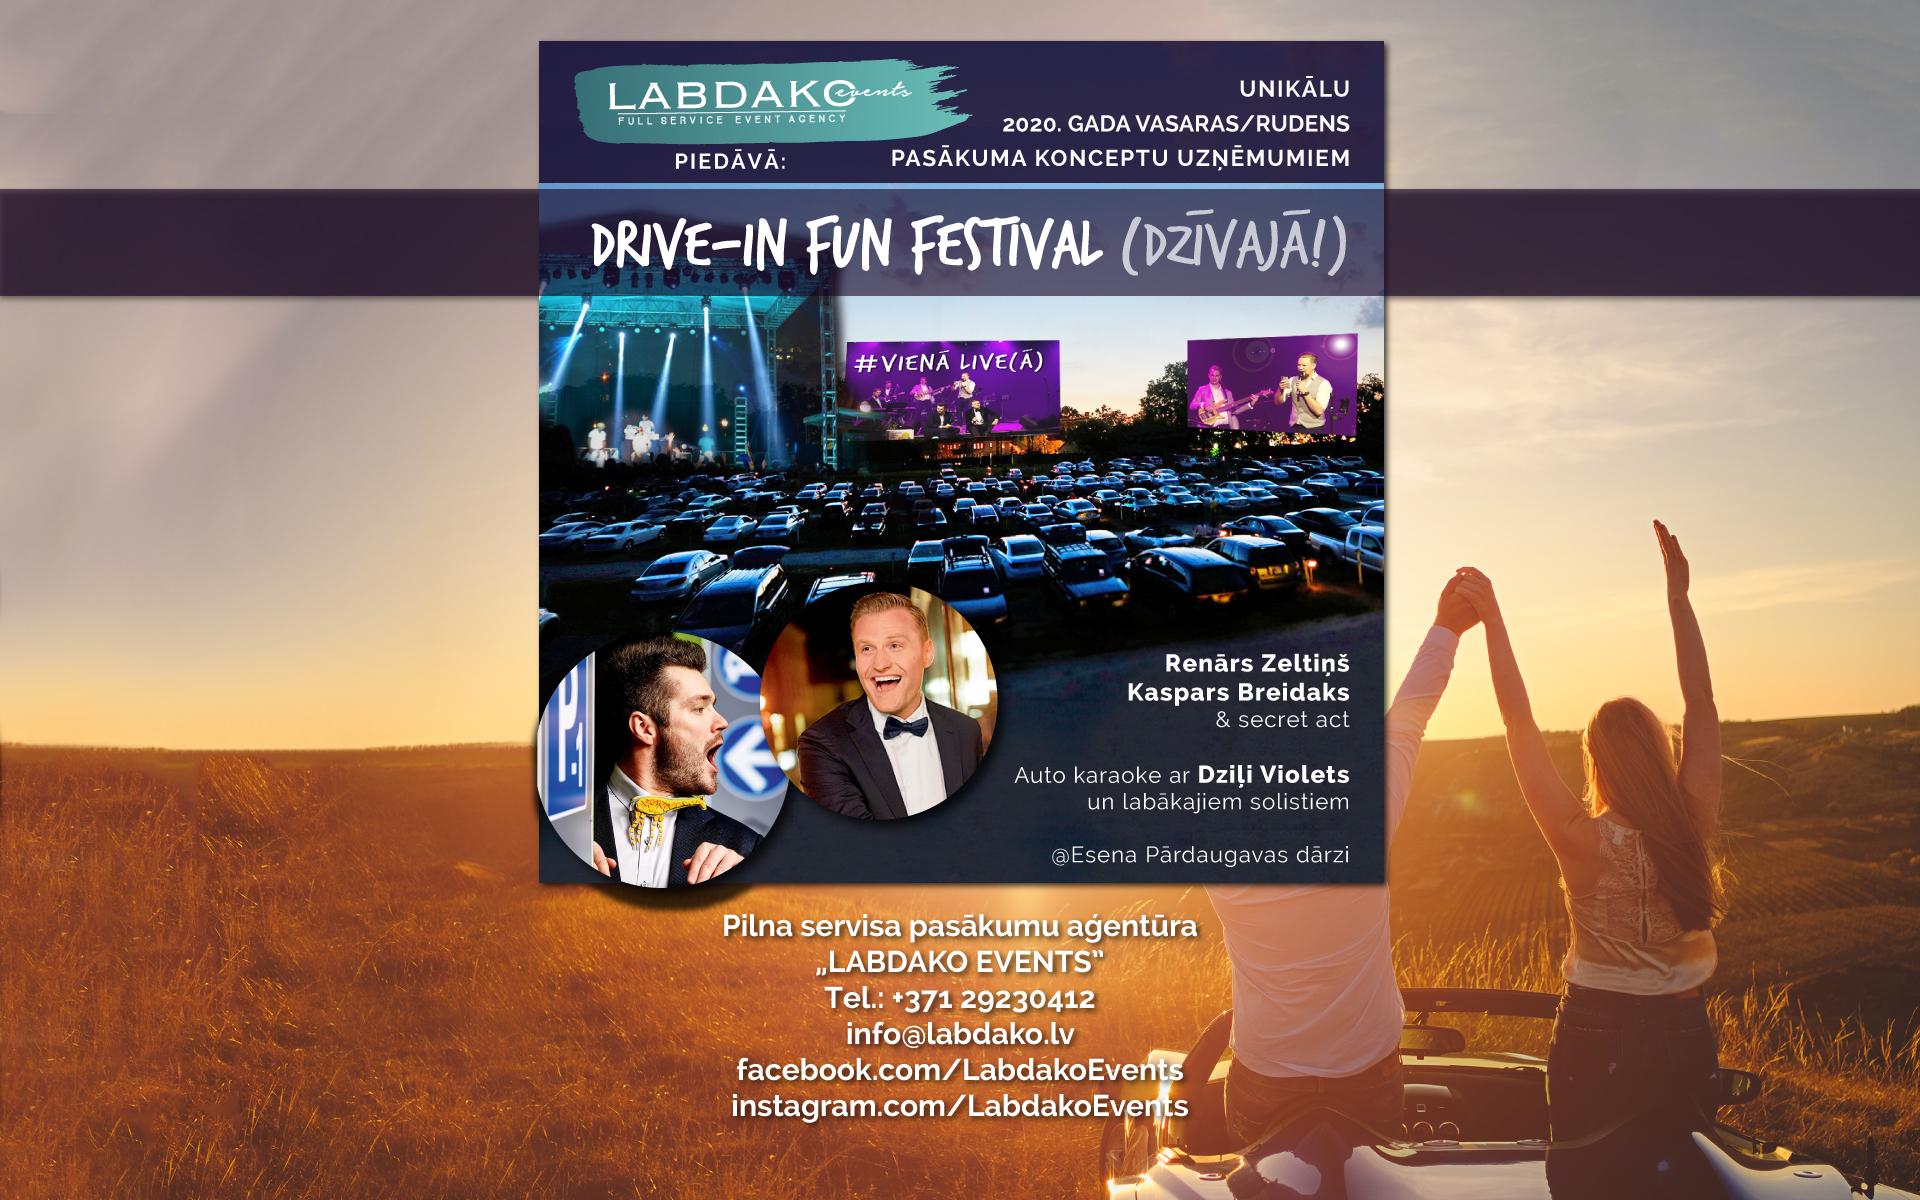 Labdako Events Facebook